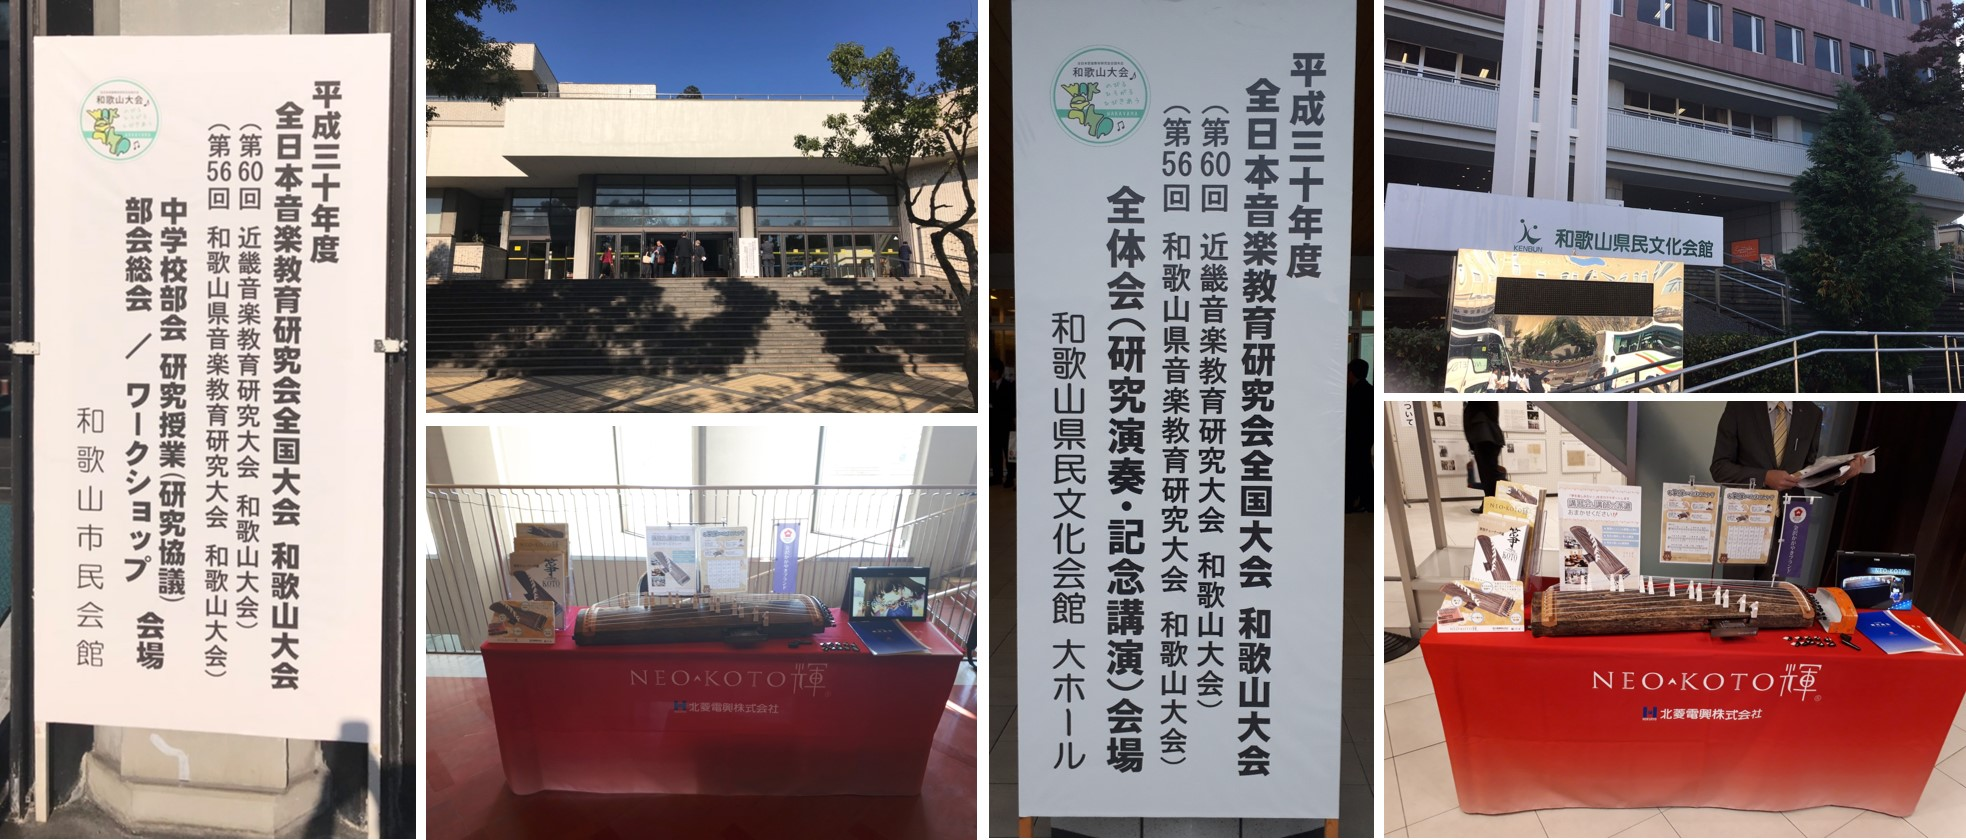 2018年11月8日、9日:平成30年度全日本音楽教育研究会全国大会 和歌山大会に出展